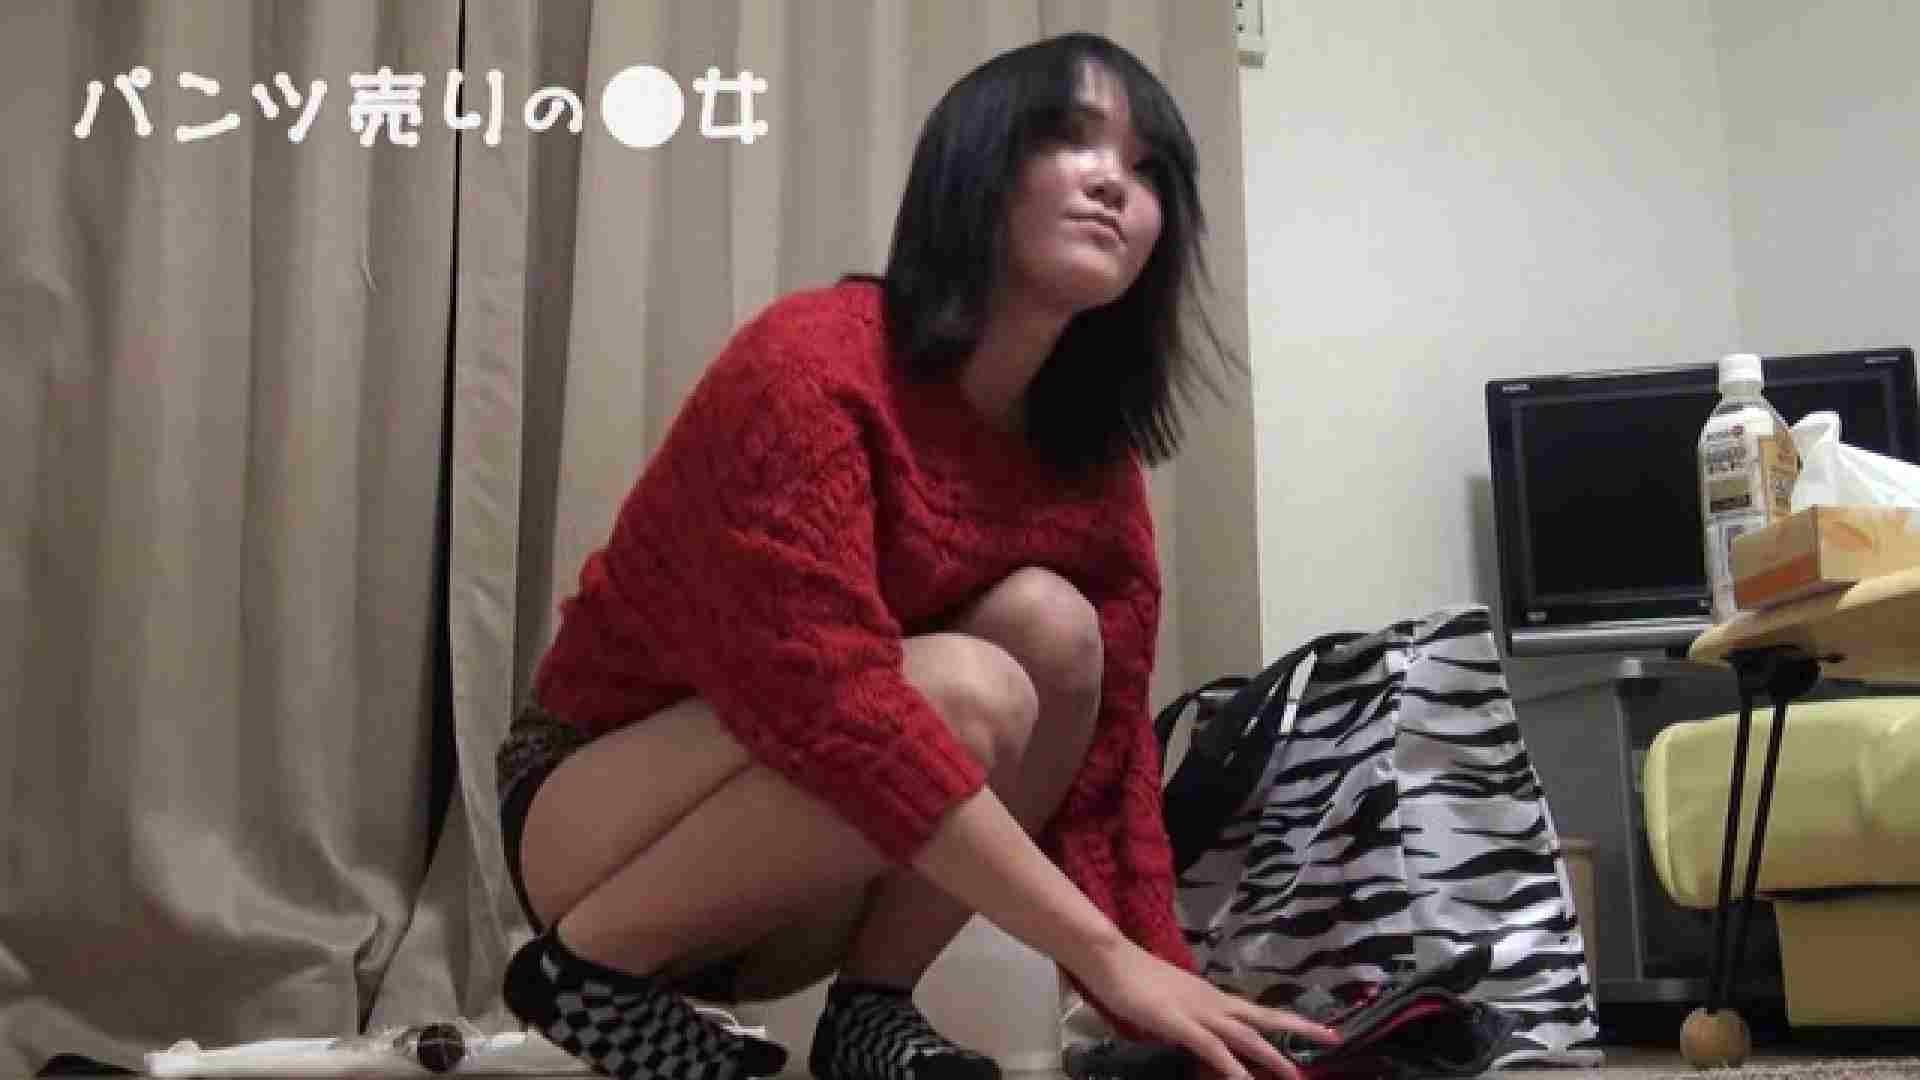 新説 パンツ売りの女の子mizuki 一般投稿  83pic 42